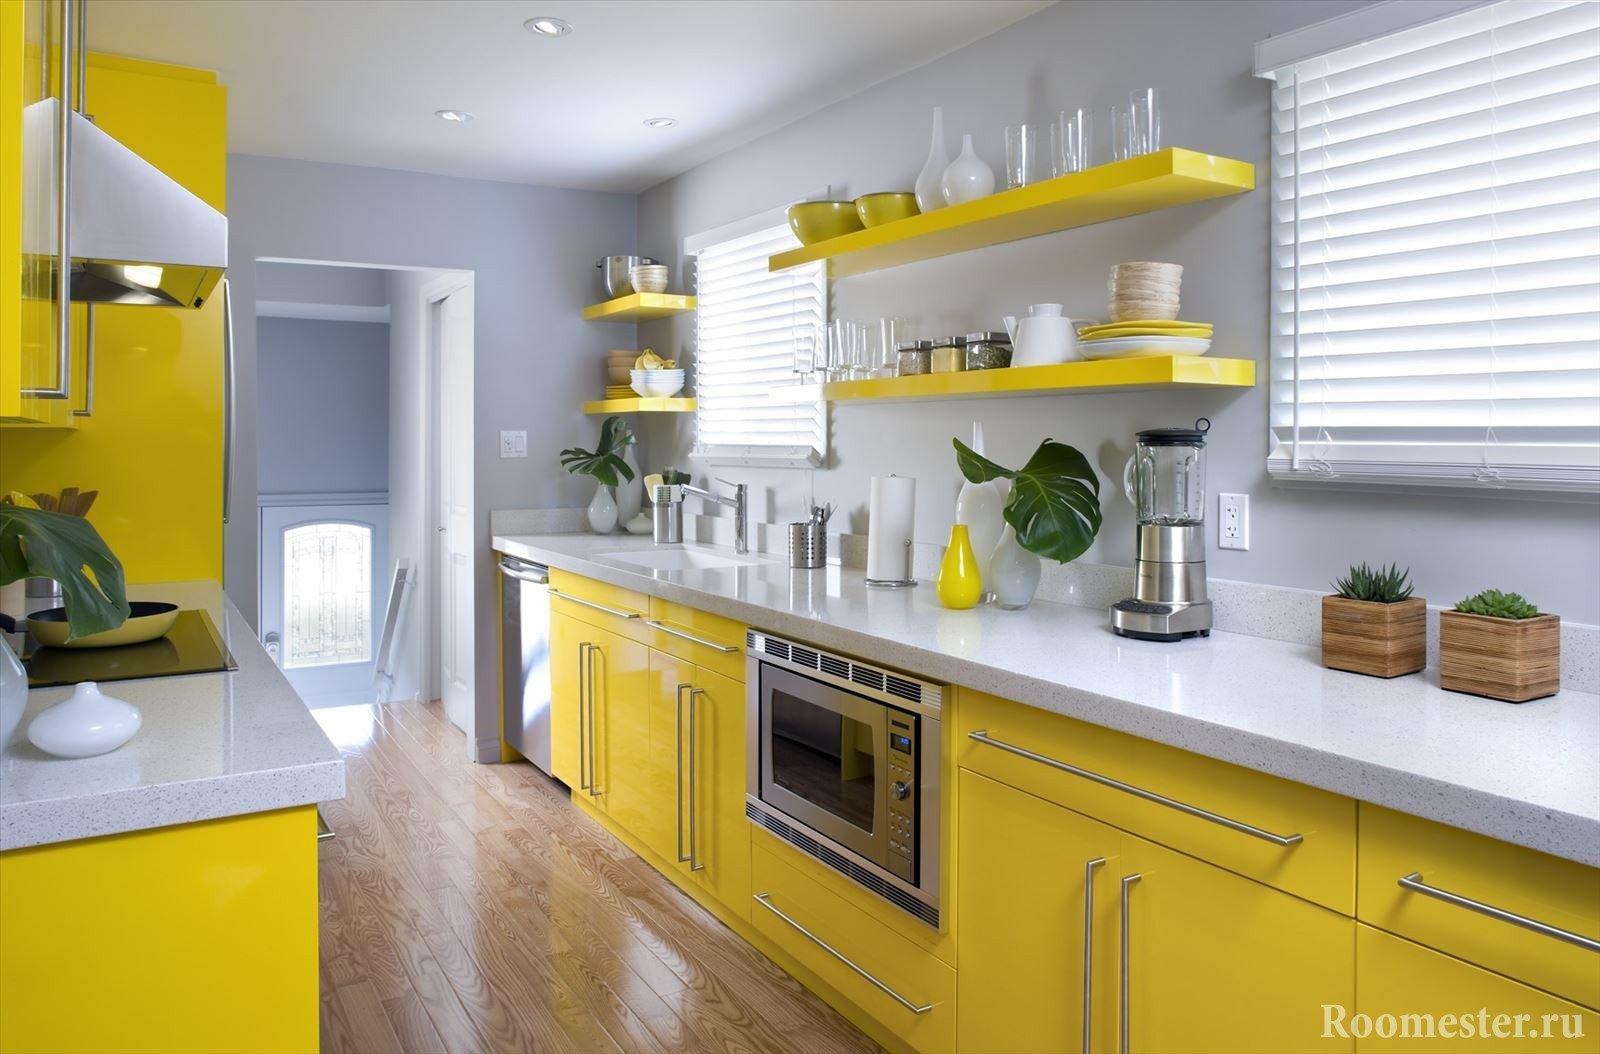 Сочетание желтой мебели и серых стен на кухне